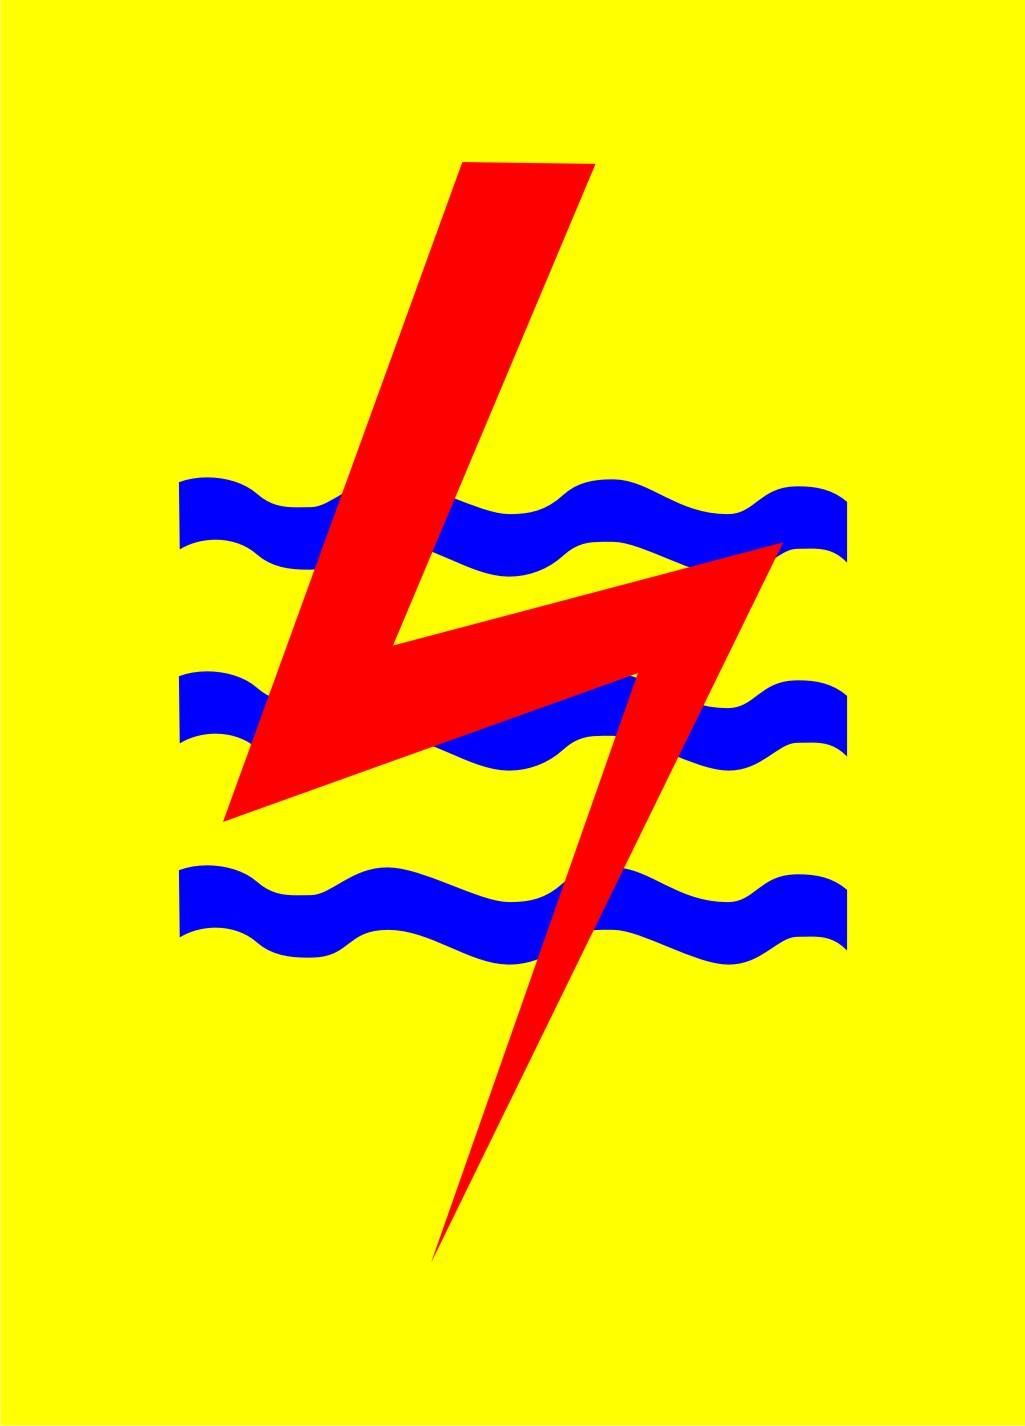 Belajar CorelDraw: Cara Membuat Logo PLN dengan CorelDrawX7 for Logo Teknik Listrik  34eri